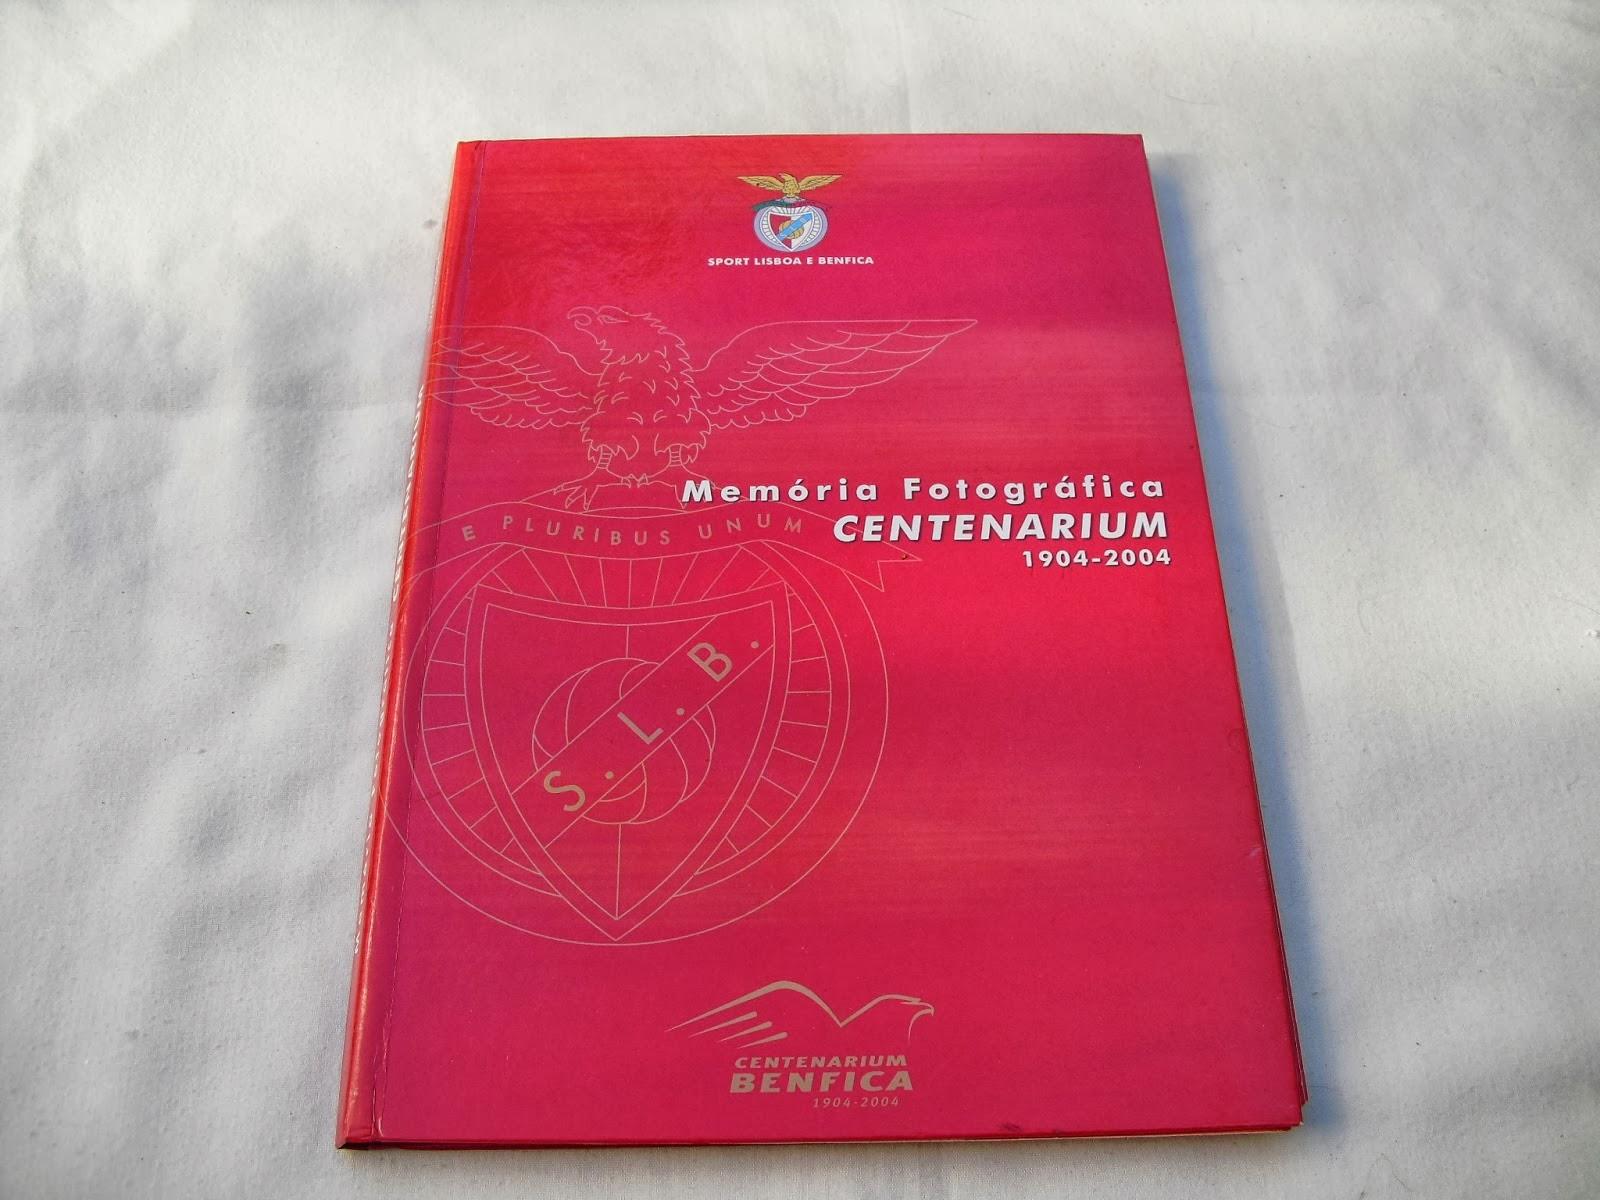 Memória Fotográfica Centenarium Benfica 1904 - 2004